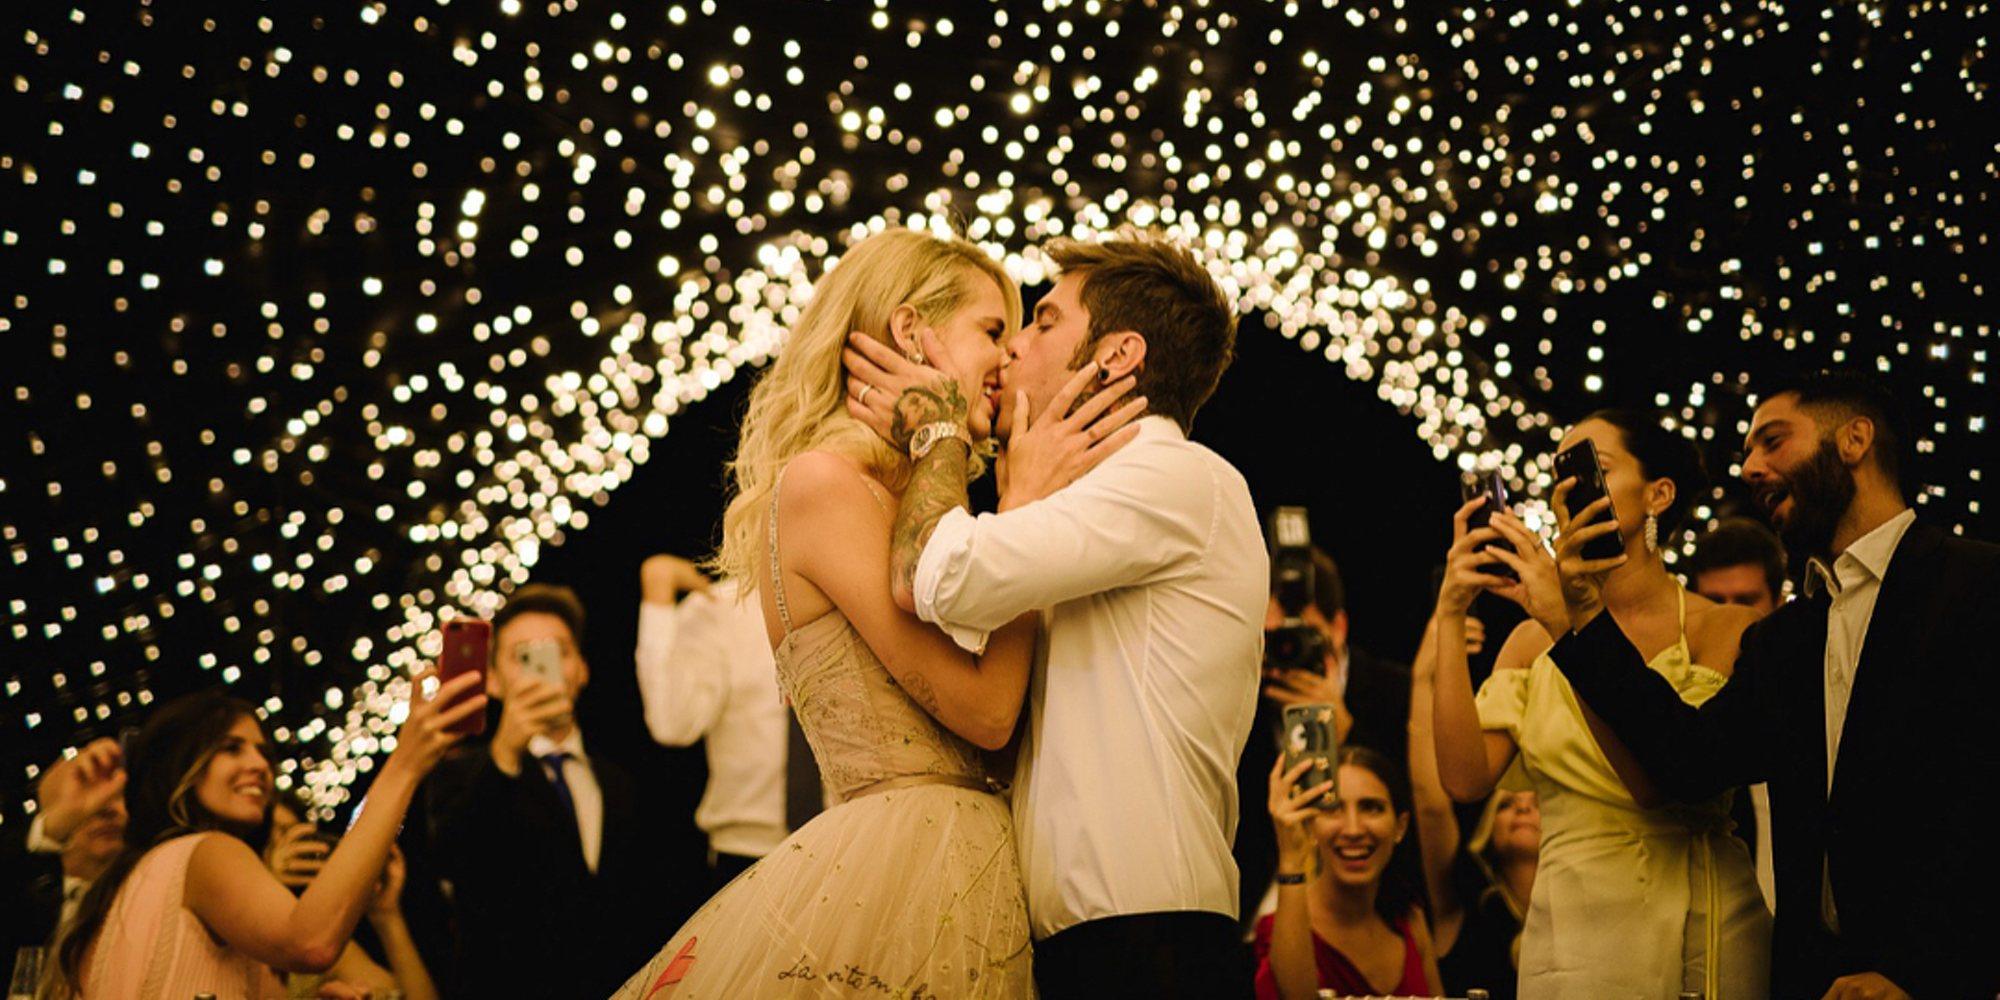 Nuevos detalles de la gran boda italiana de Chiara Ferragni y Fedez: la cueva de luces para el convite